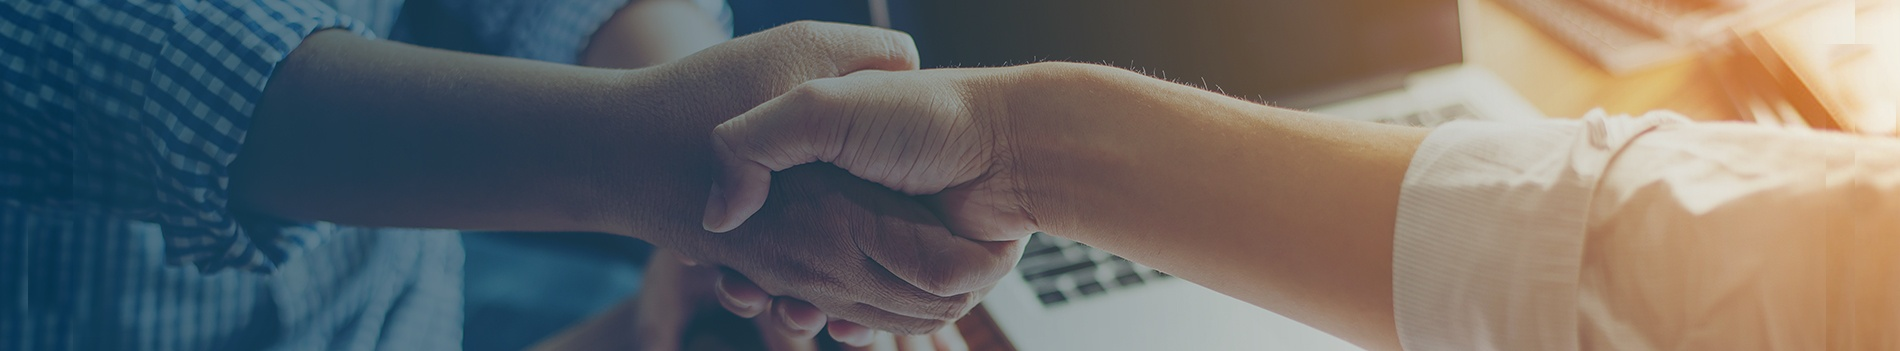 handshake partnership